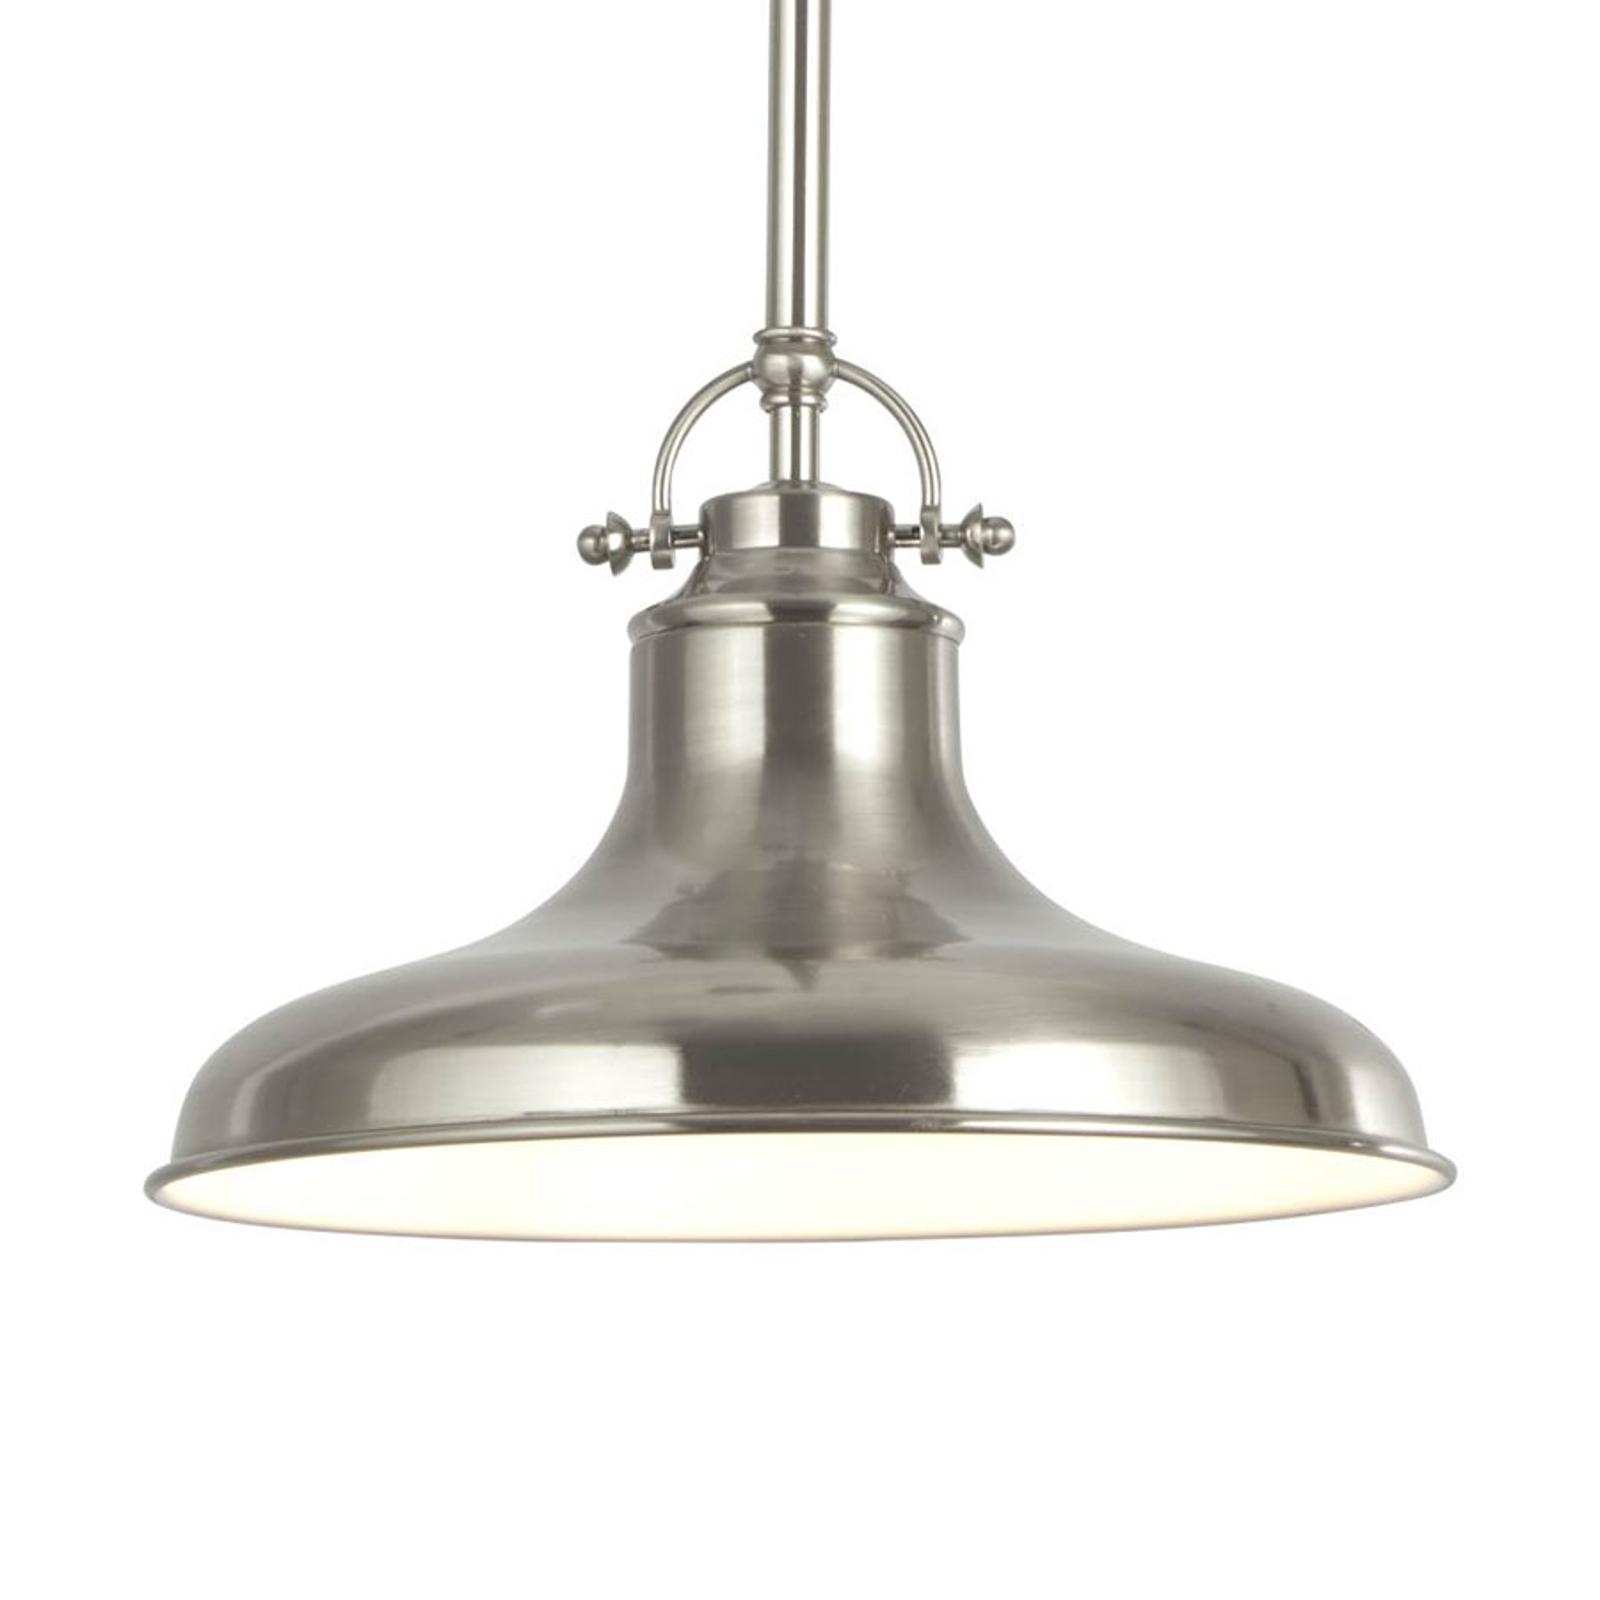 Lampa wisząca Dallas w stylu industrialnym srebrna